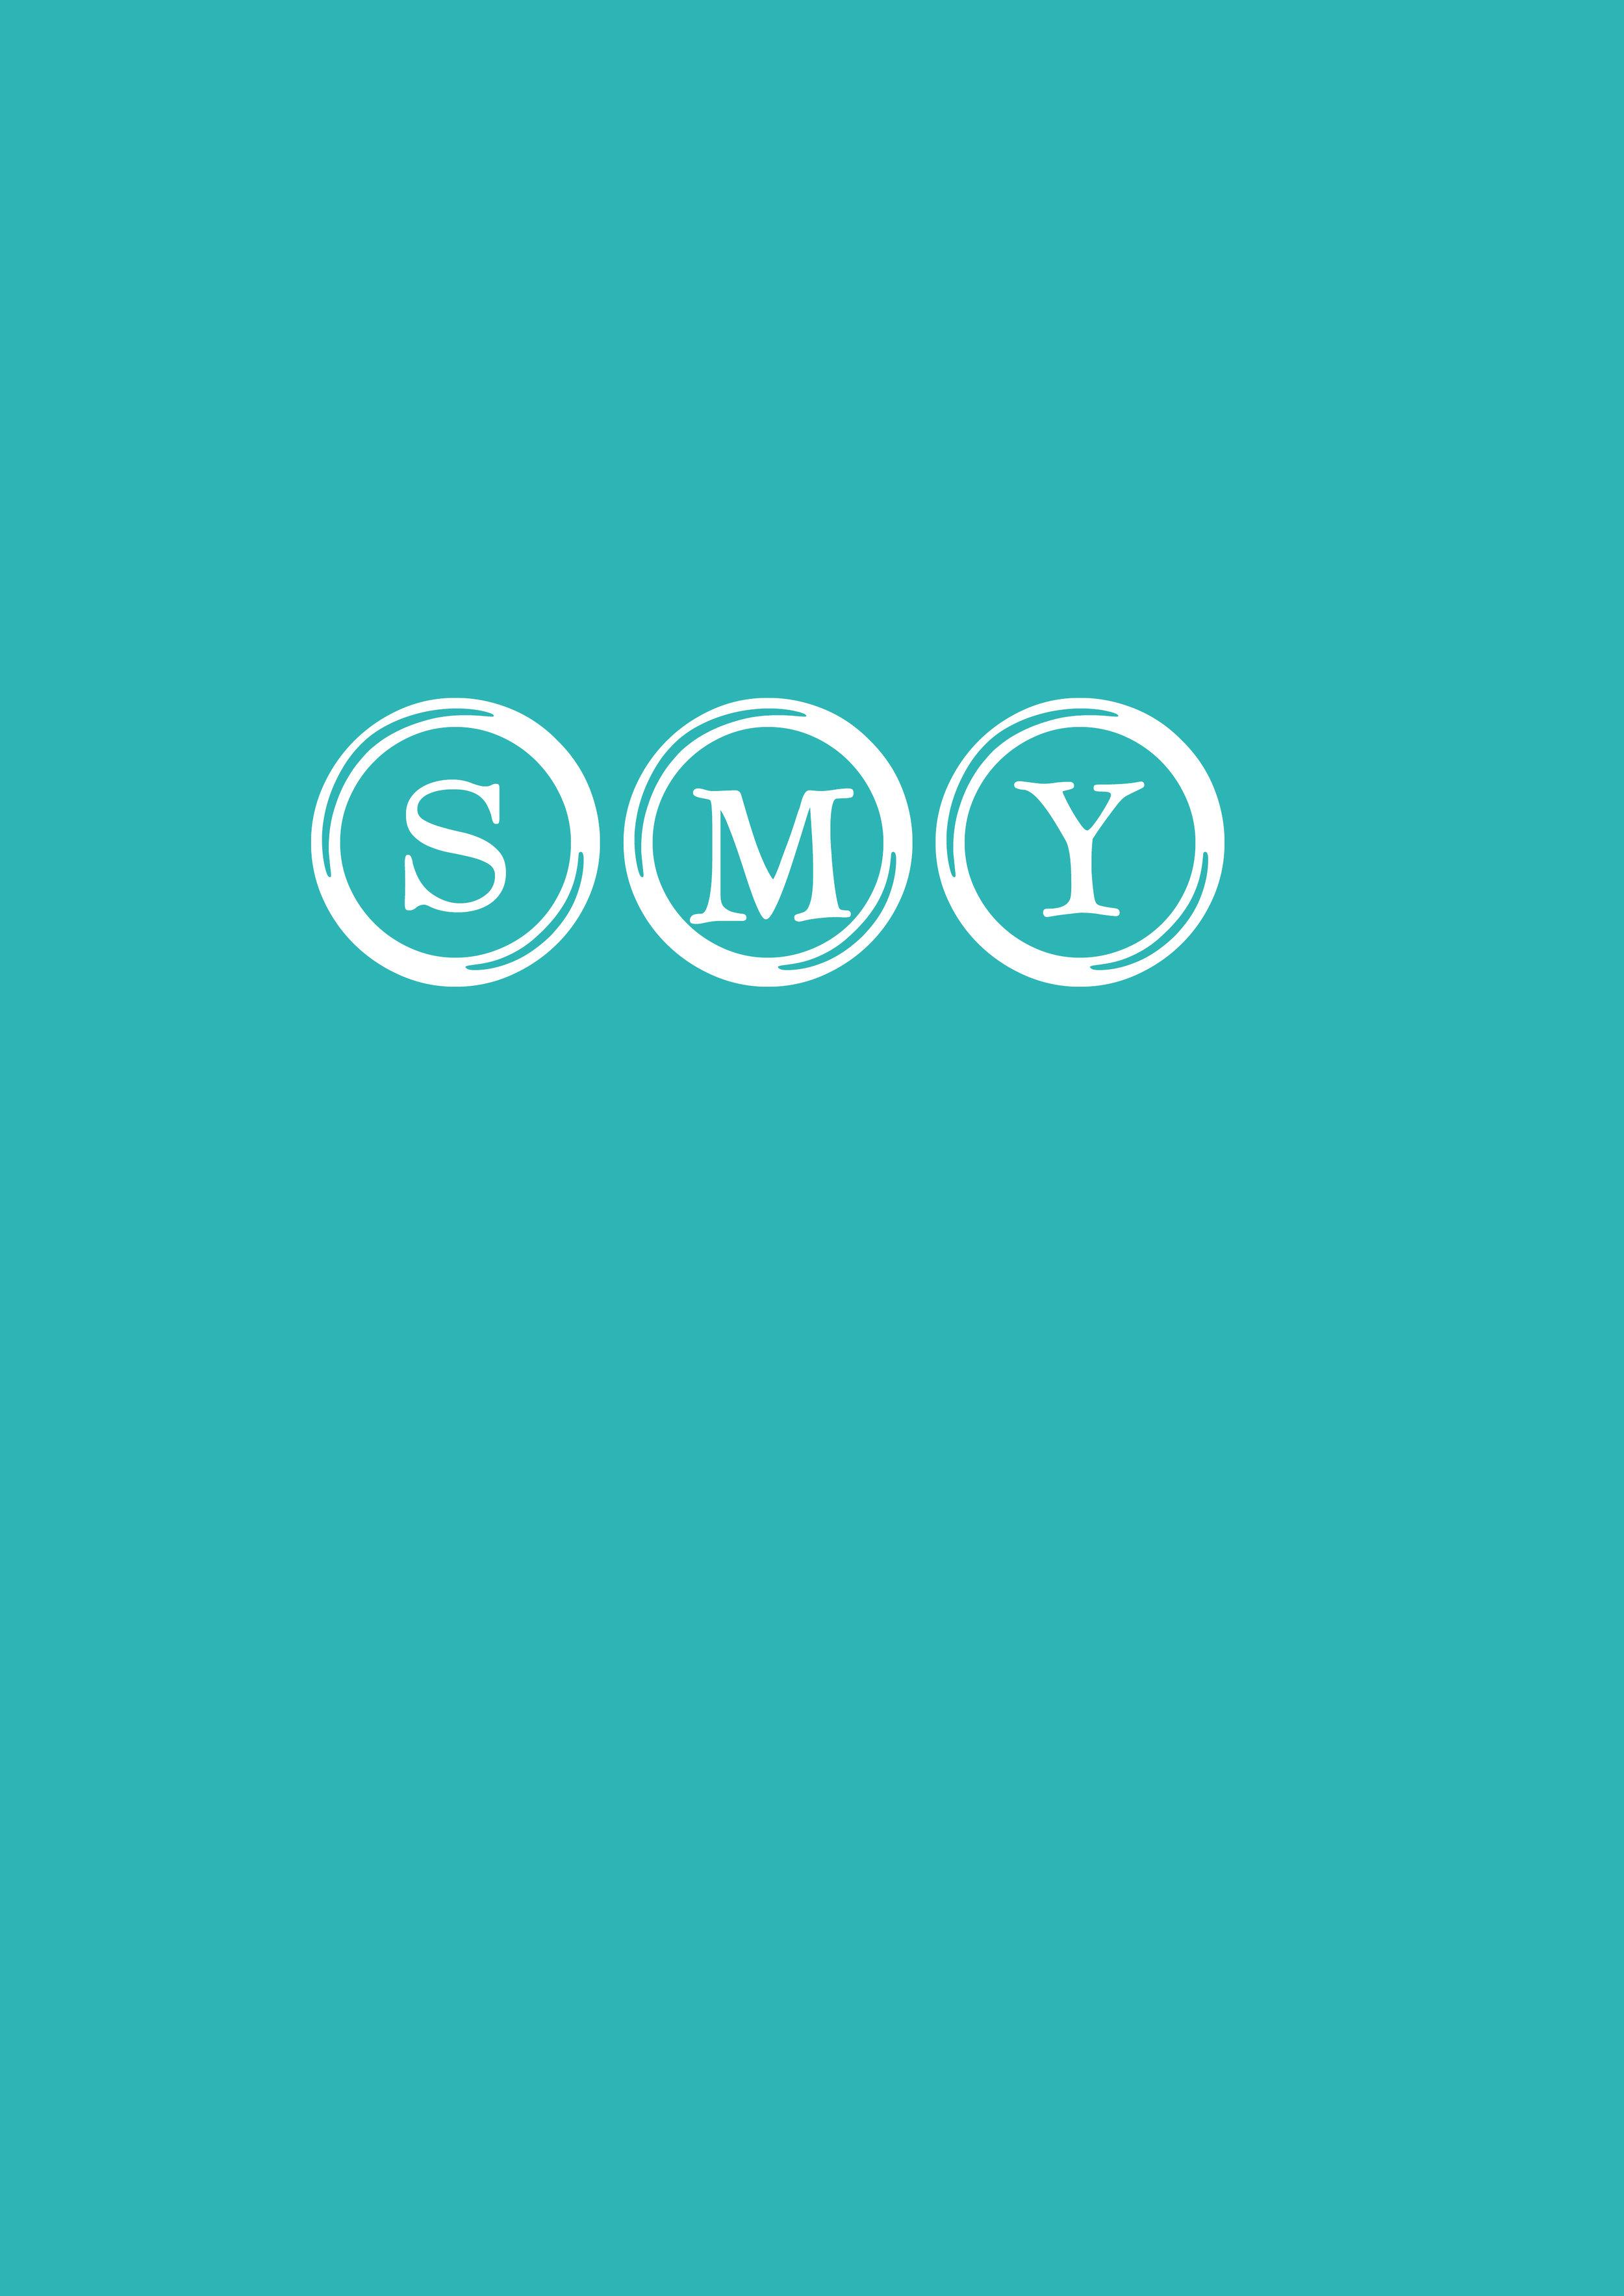 SMY.jpg